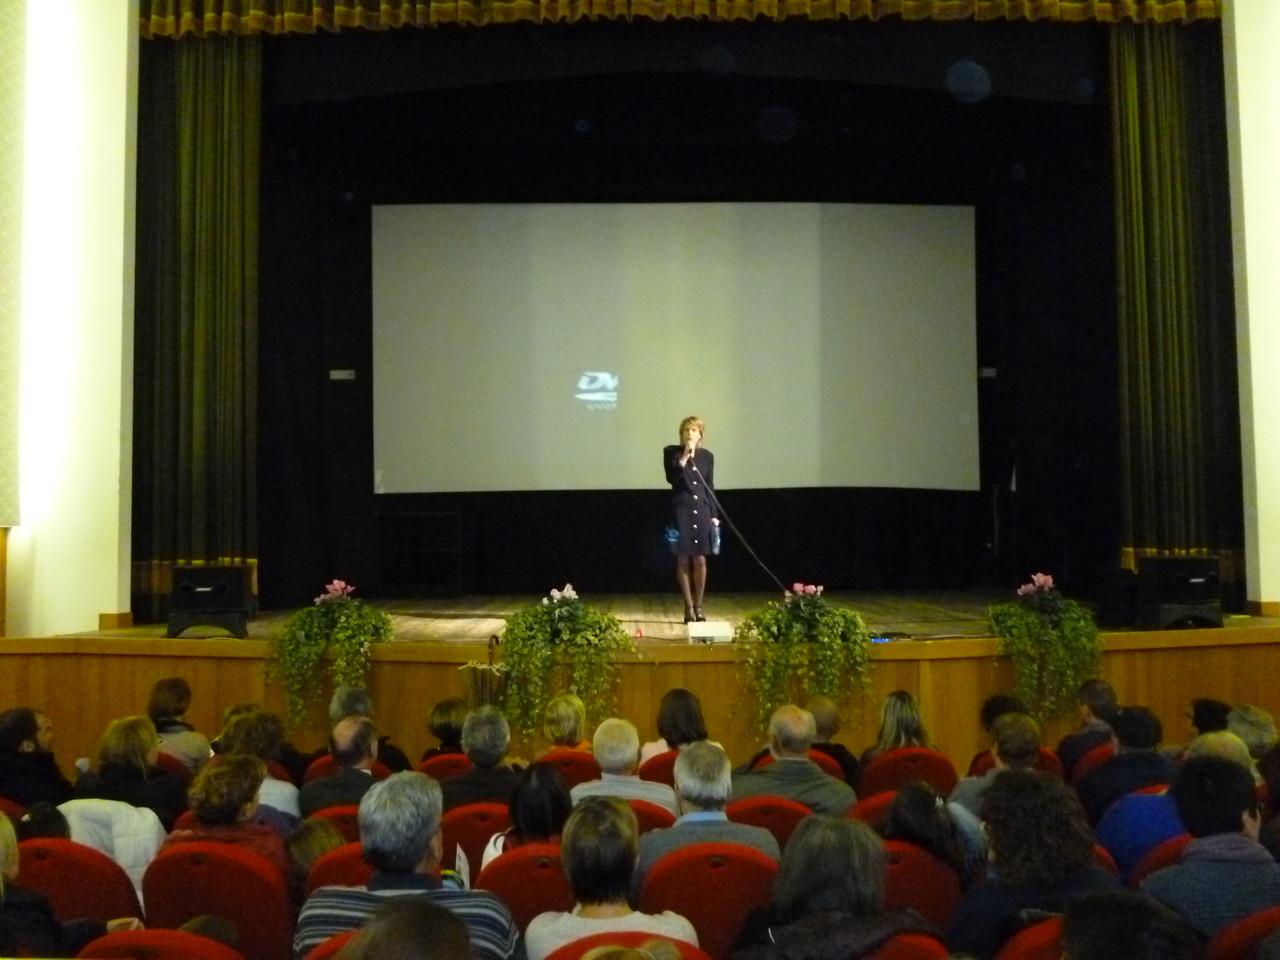 La presentatrice della serata, nonchè attrice nel ruolo di Elodie Myer Moncher, Ivana Rizzardi della Compagnia Filodrammatica di Coredo